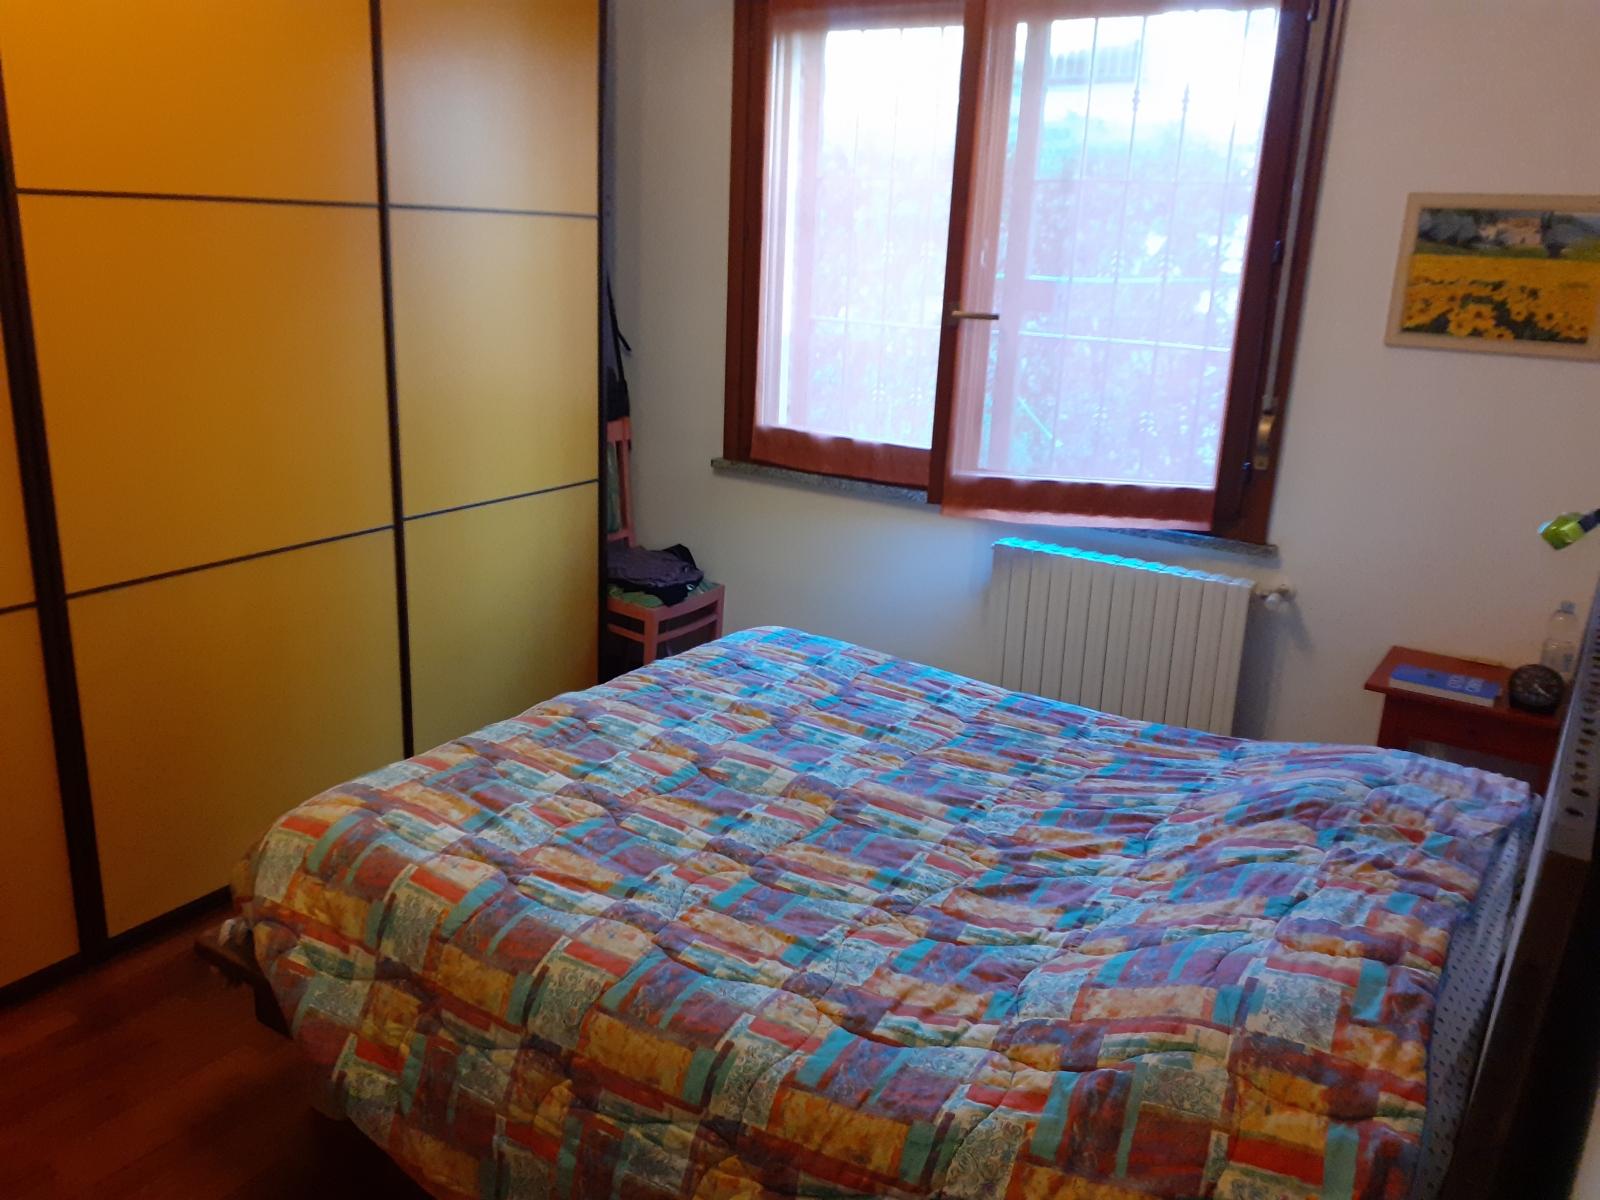 appartamento-in-vendita-cesano-boscone-milano-spaziourbano-immobiliare-vende-12